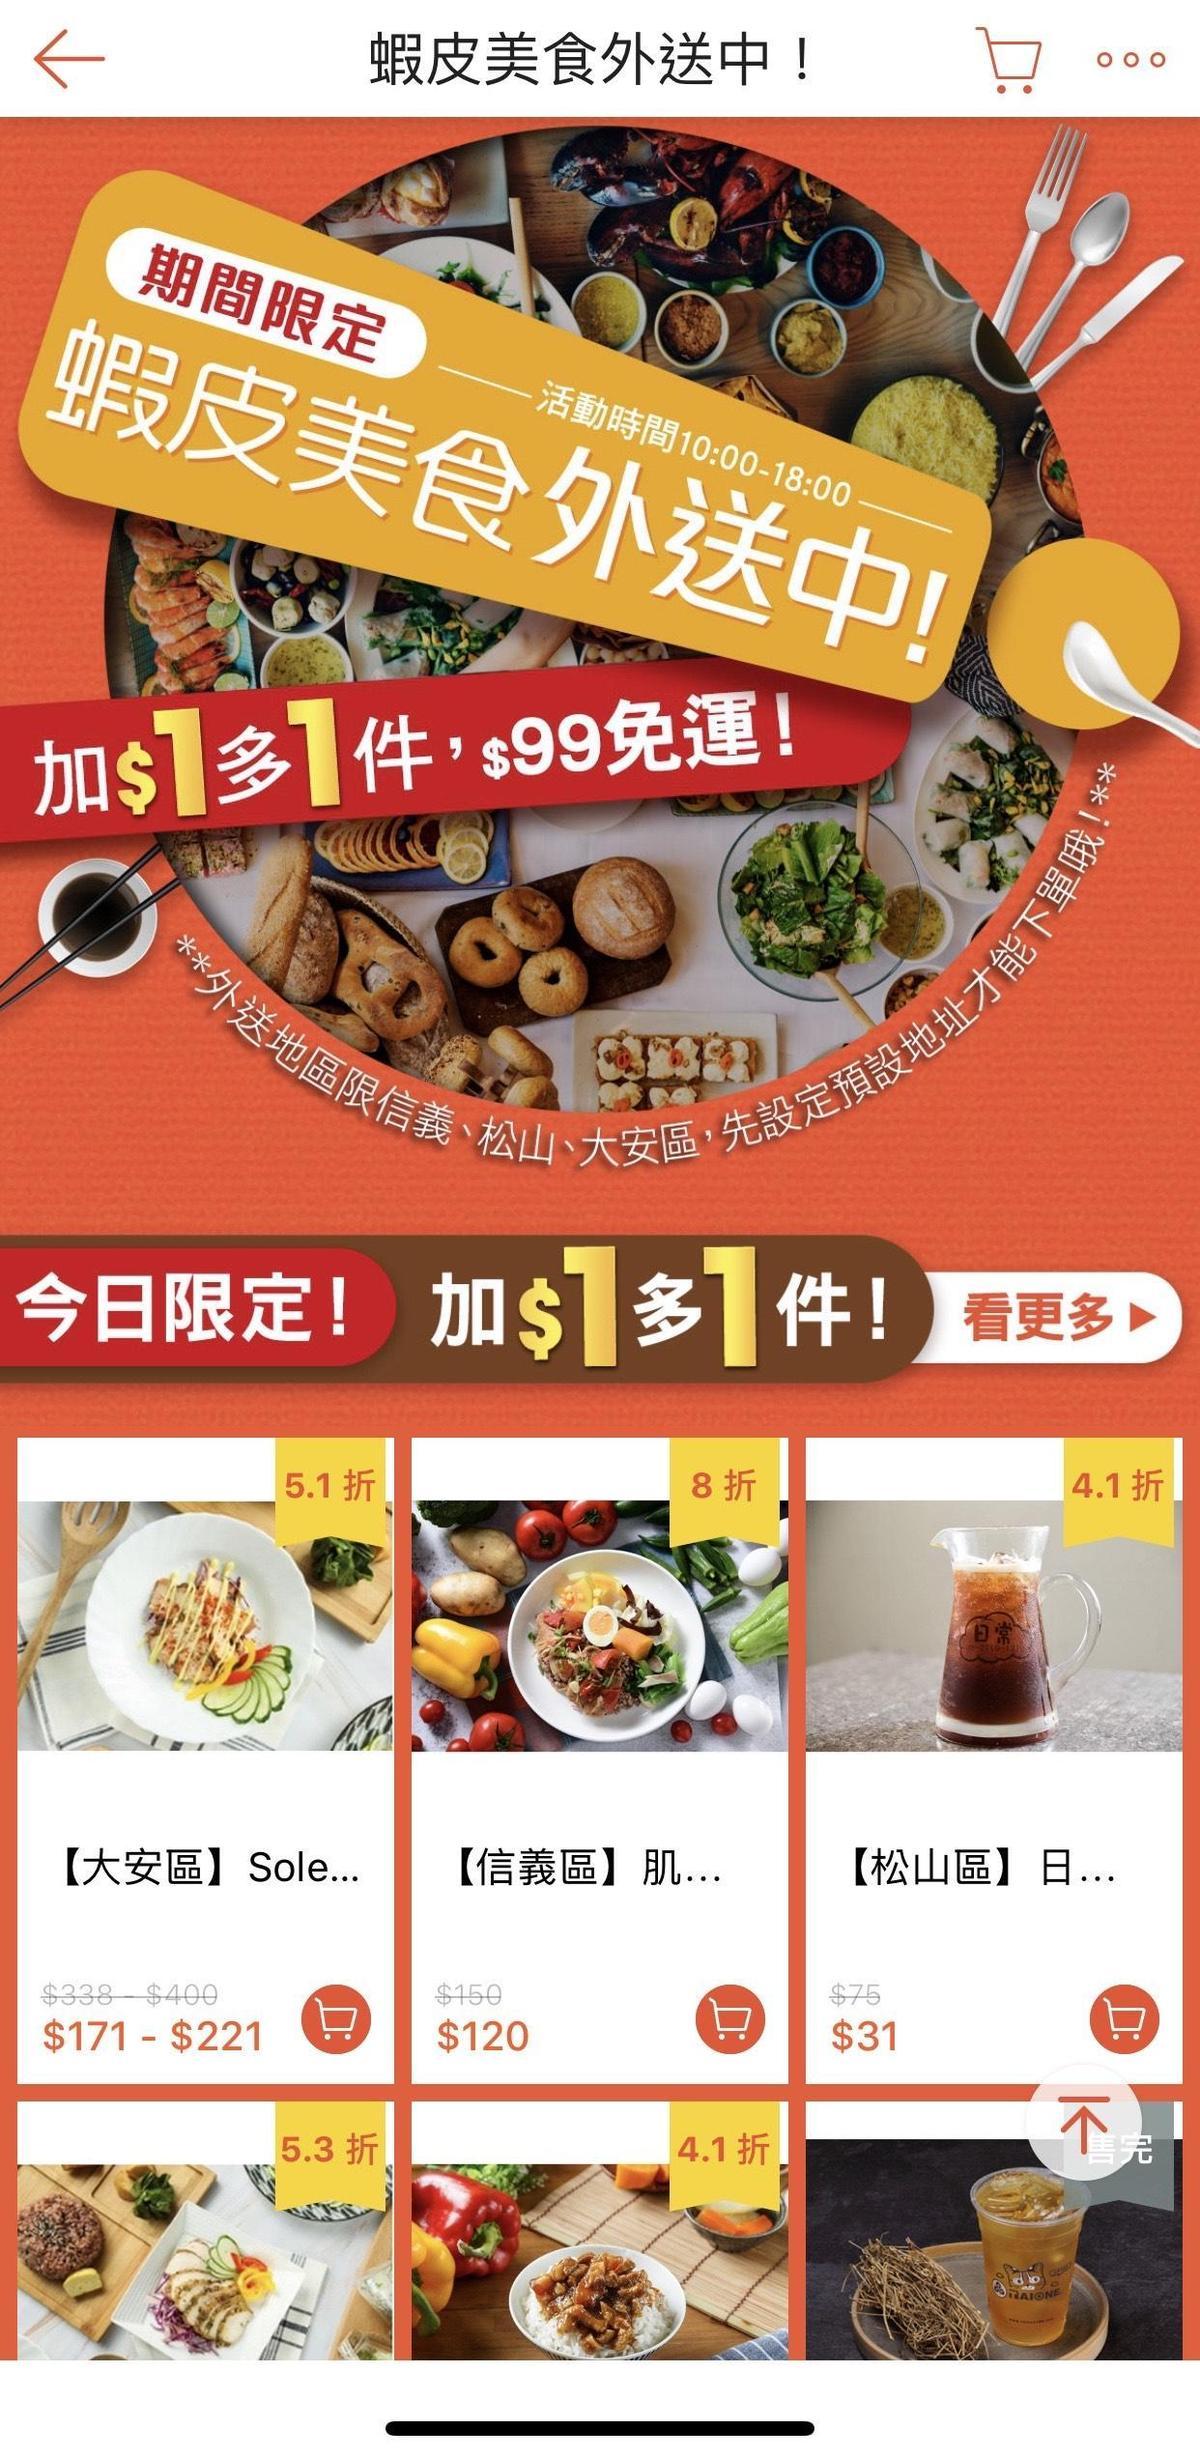 蝦皮美食外送試營運 正面對決Foodpanda,米飯麵條心慌慌! - YouTube